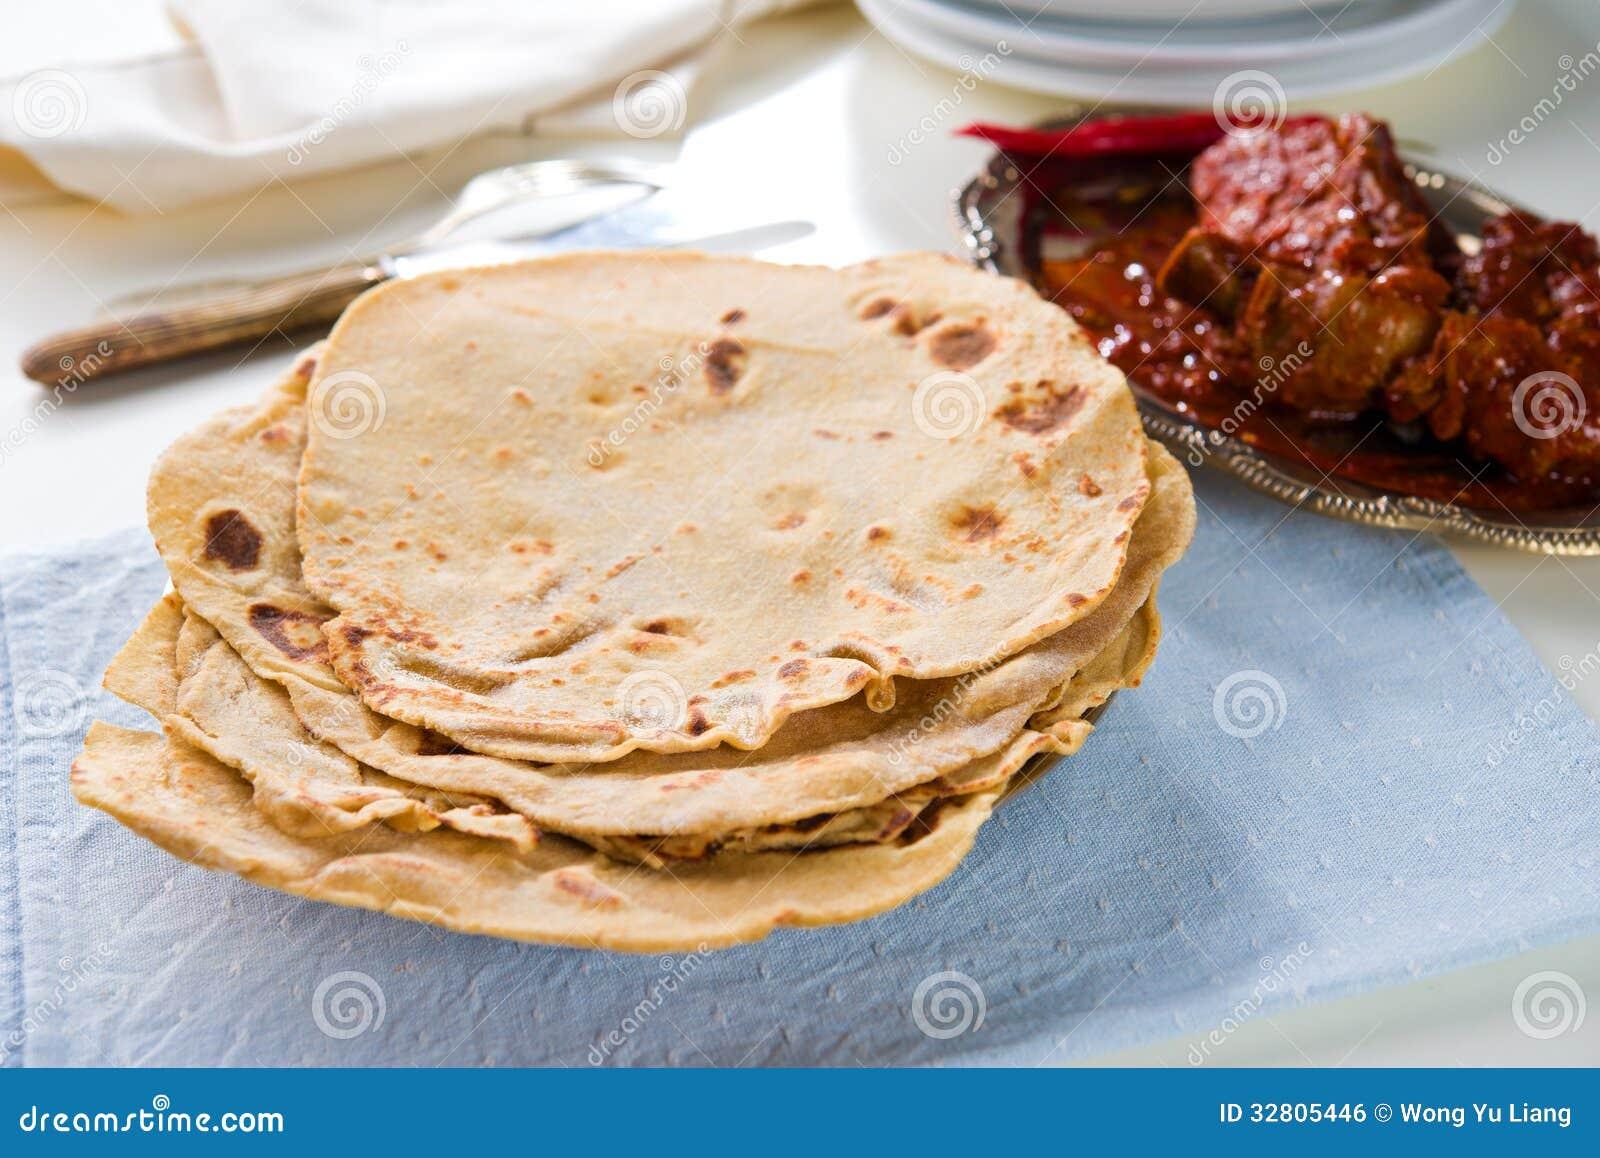 Chapatti roti και ινδικά τρόφιμα να δειπνήσει στον πίνακα.